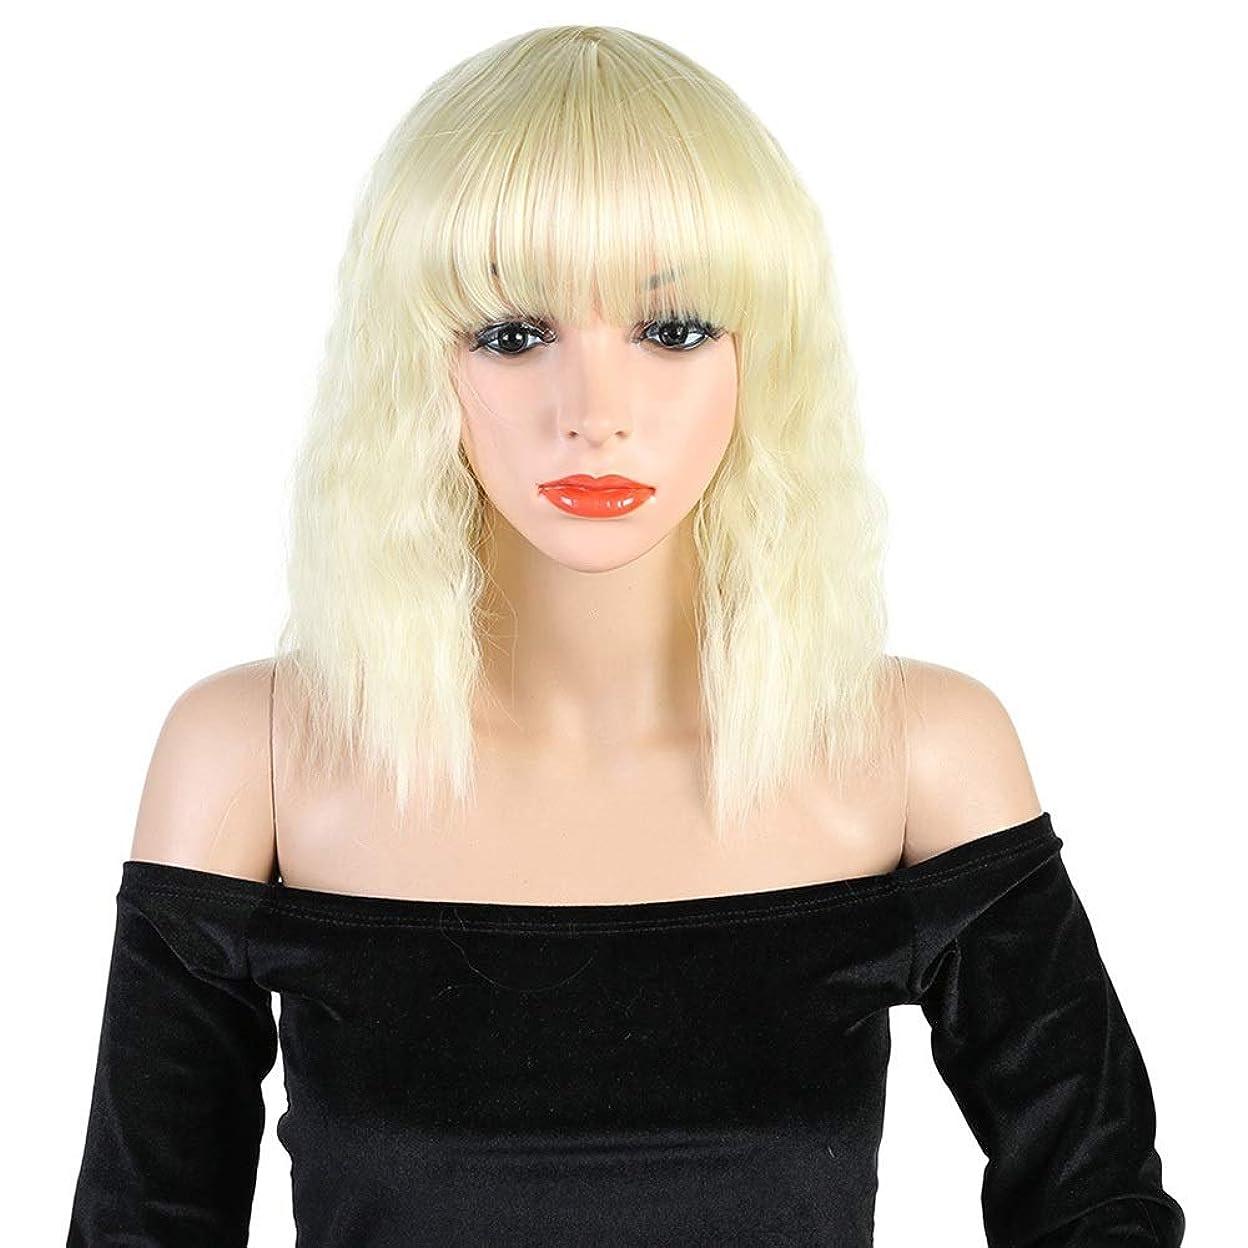 結婚すり怪物YAHONGOE 女性のためのボブウィッグ中央部オンブルブロンドかつらショートボブ髪かつら高品質14インチパーティーかつら (色 : Blonde)